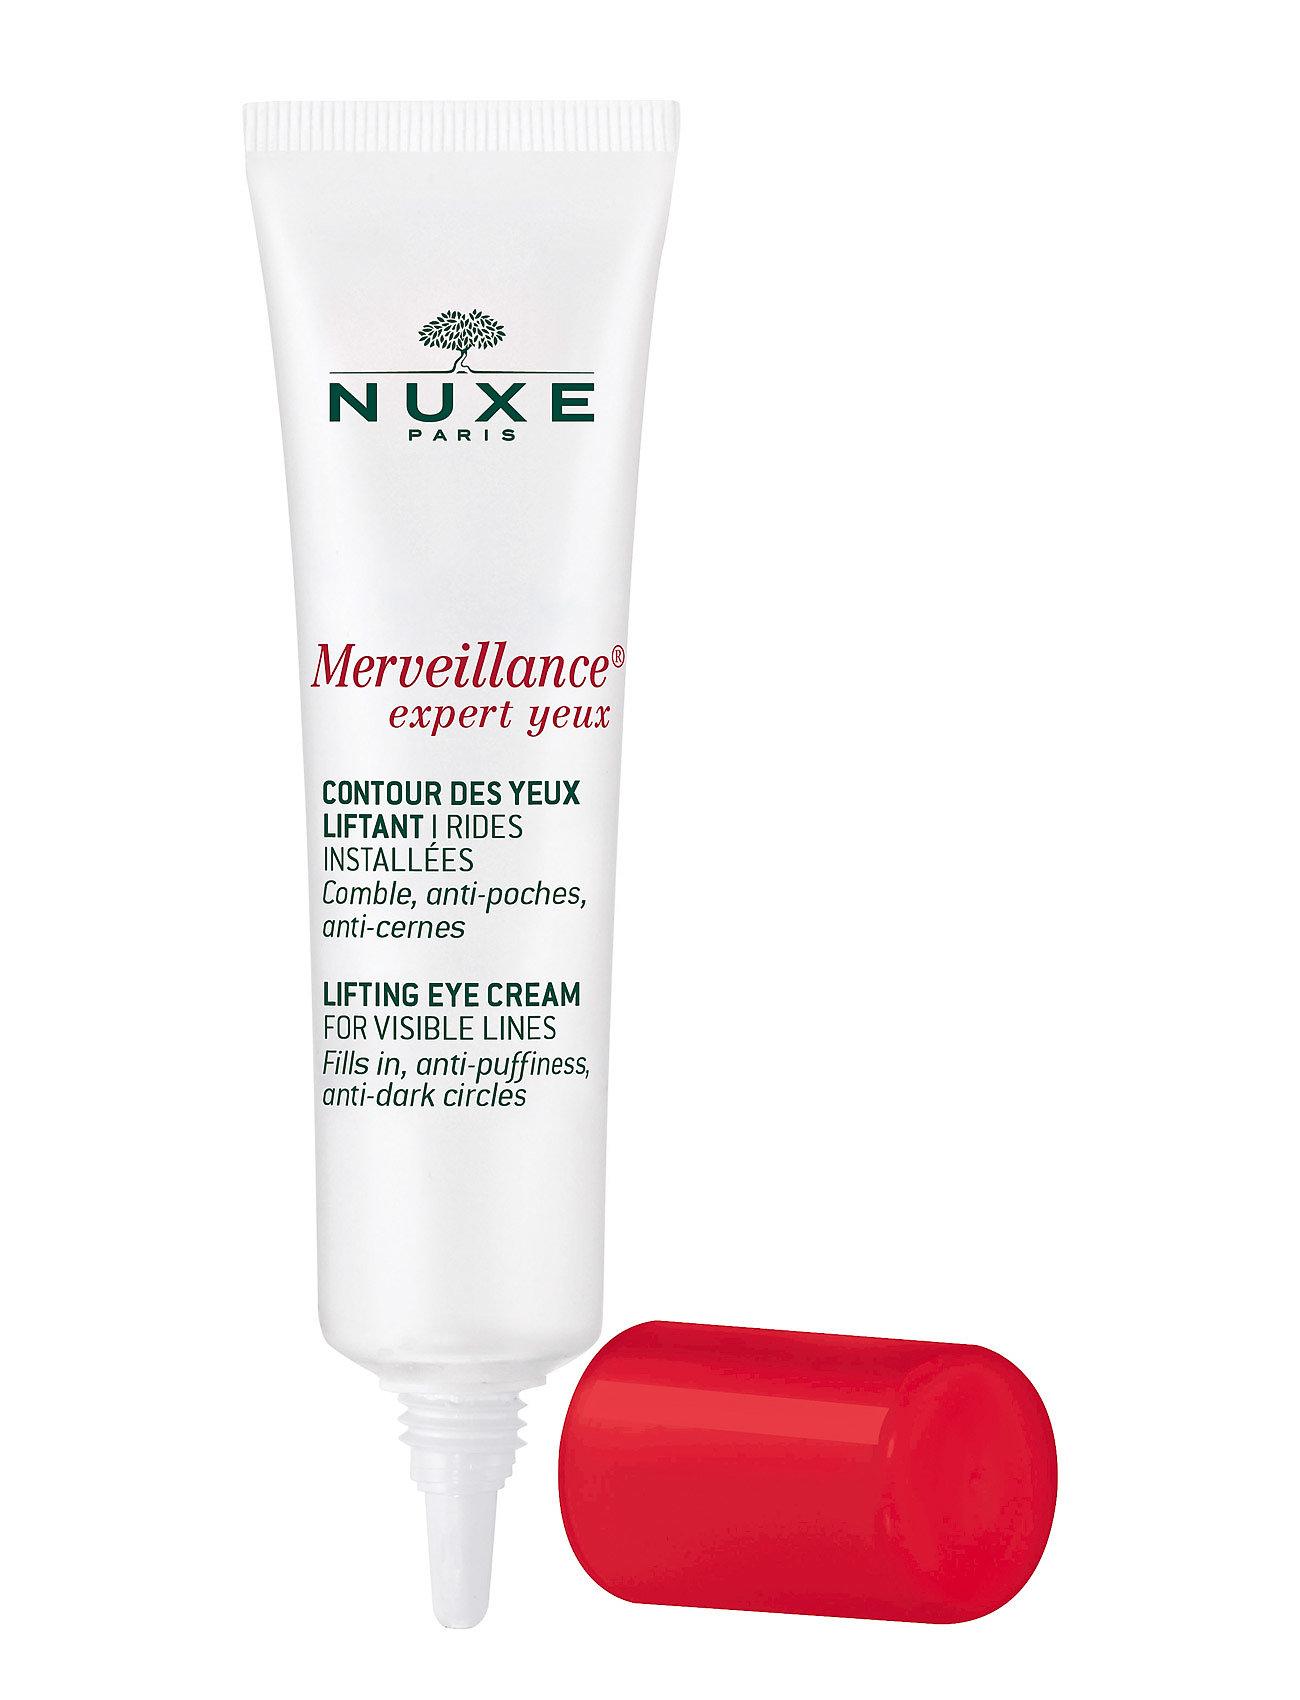 nuxe Merveillance expert eye contour på boozt.com dk